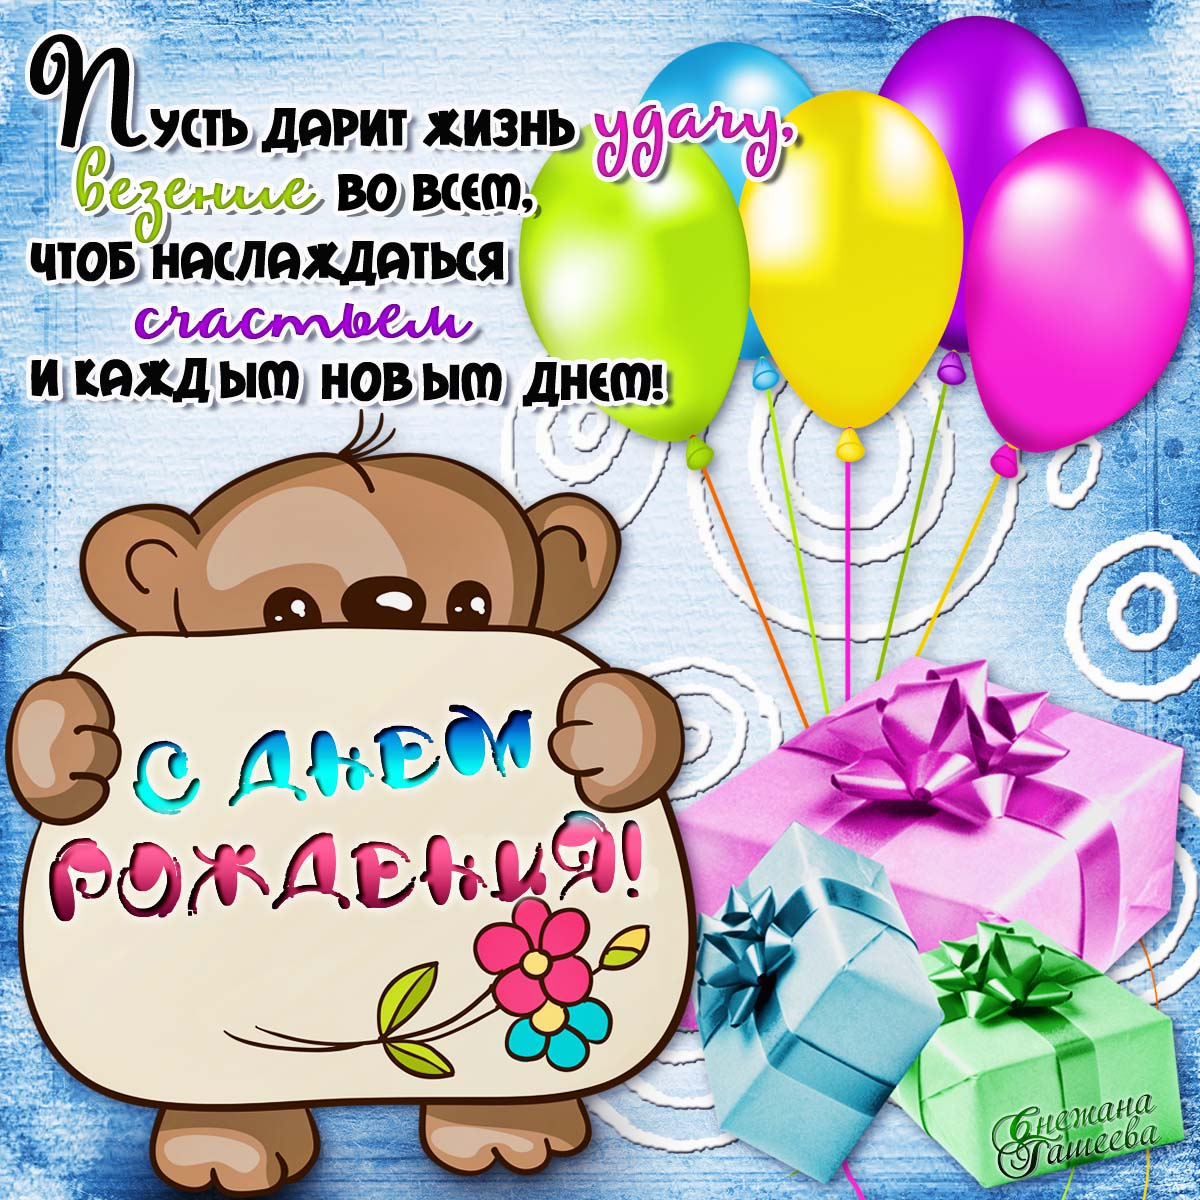 Поздравление с днём рождения короткие своими словами друга